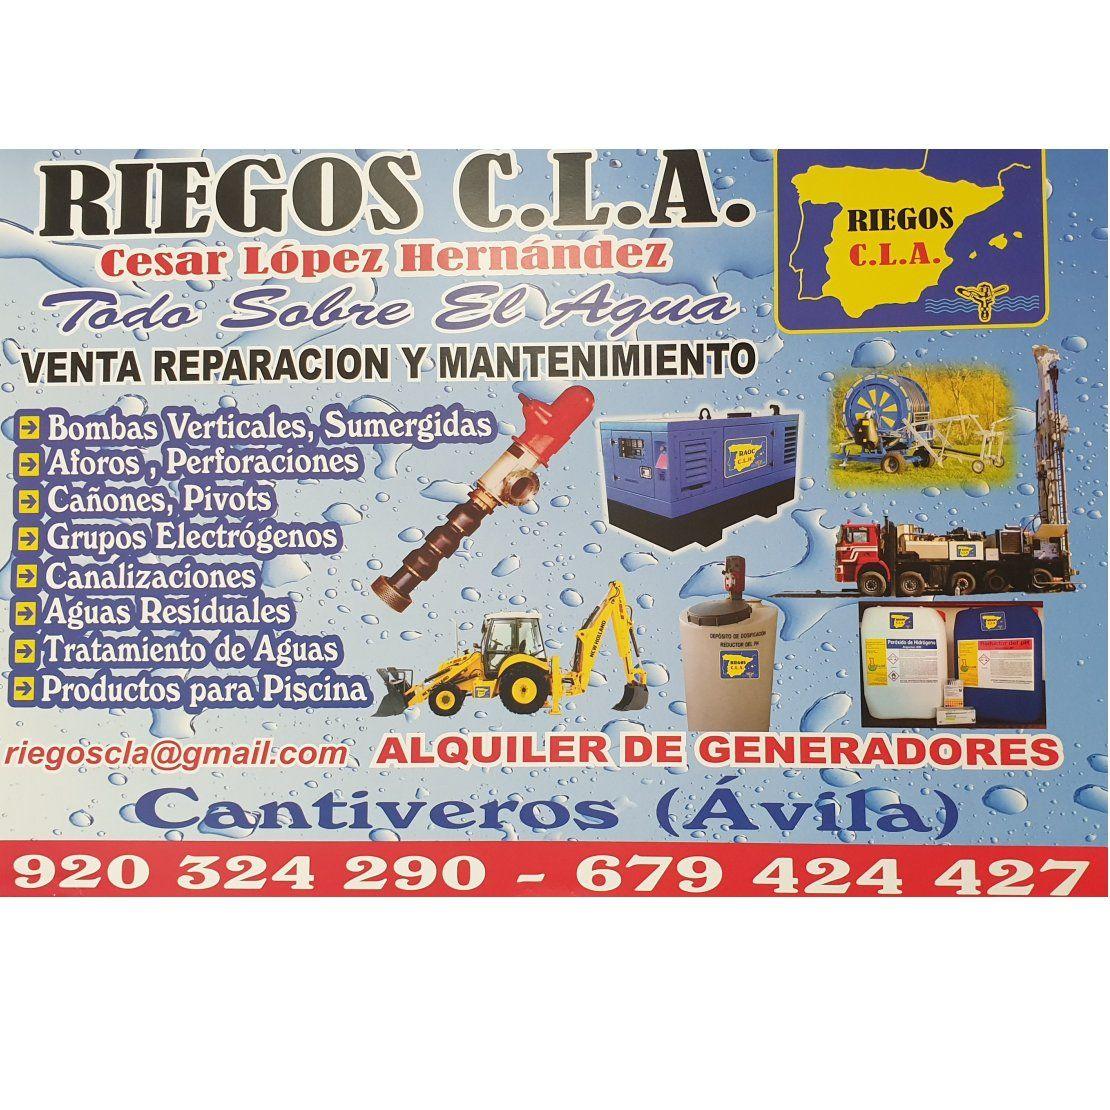 Venta, alquiler, reparación y mantenimiento: Servicios de  Riegos C.L.A, S.L.